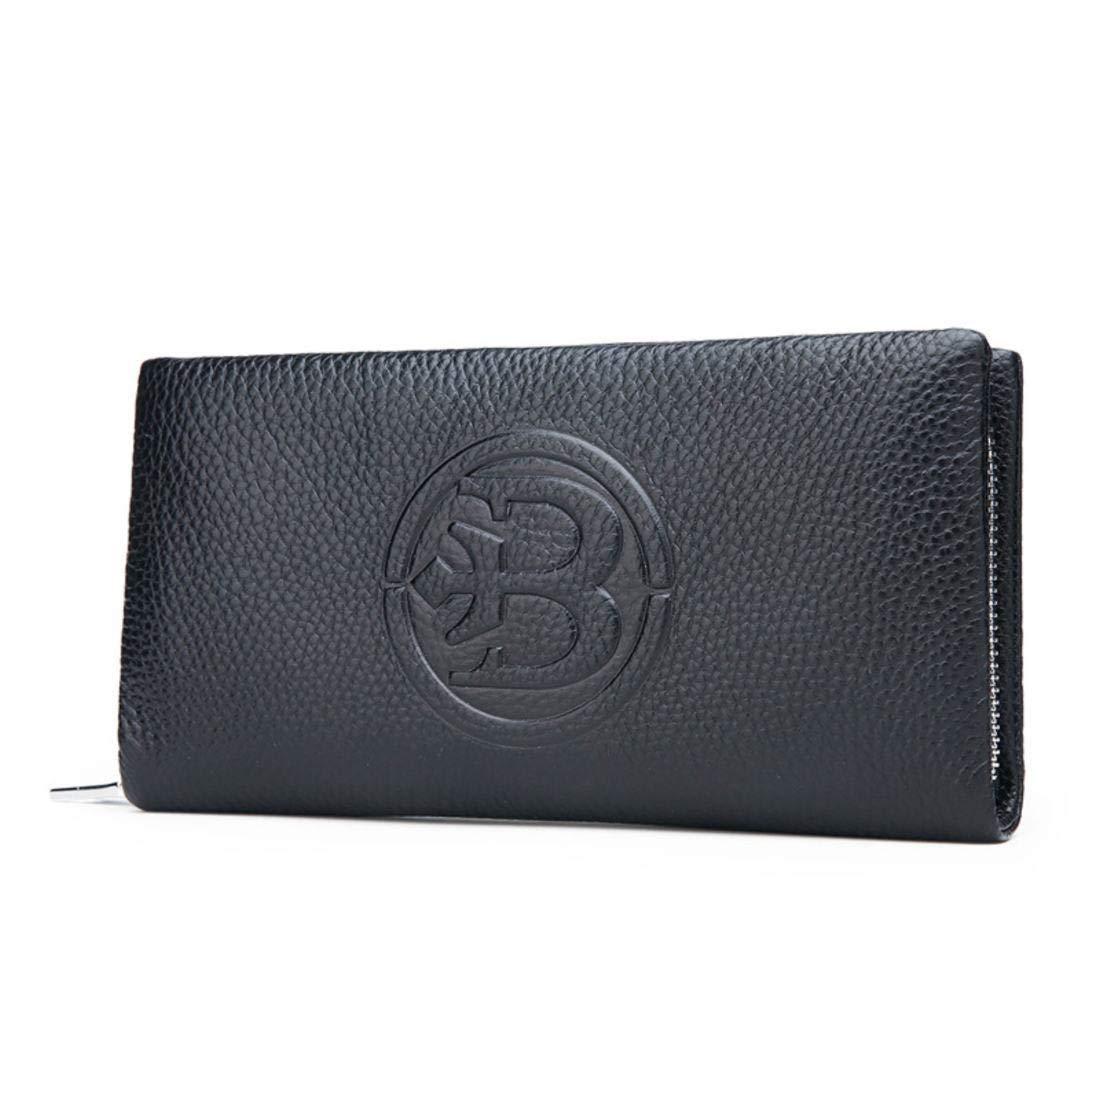 Olprkgdg Echtes Leder Lange Brieftasche mit Reißverschluss RFID-Blockierung für Männer (Farbe   schwarz) B07NRPWTHC Geldbrsen